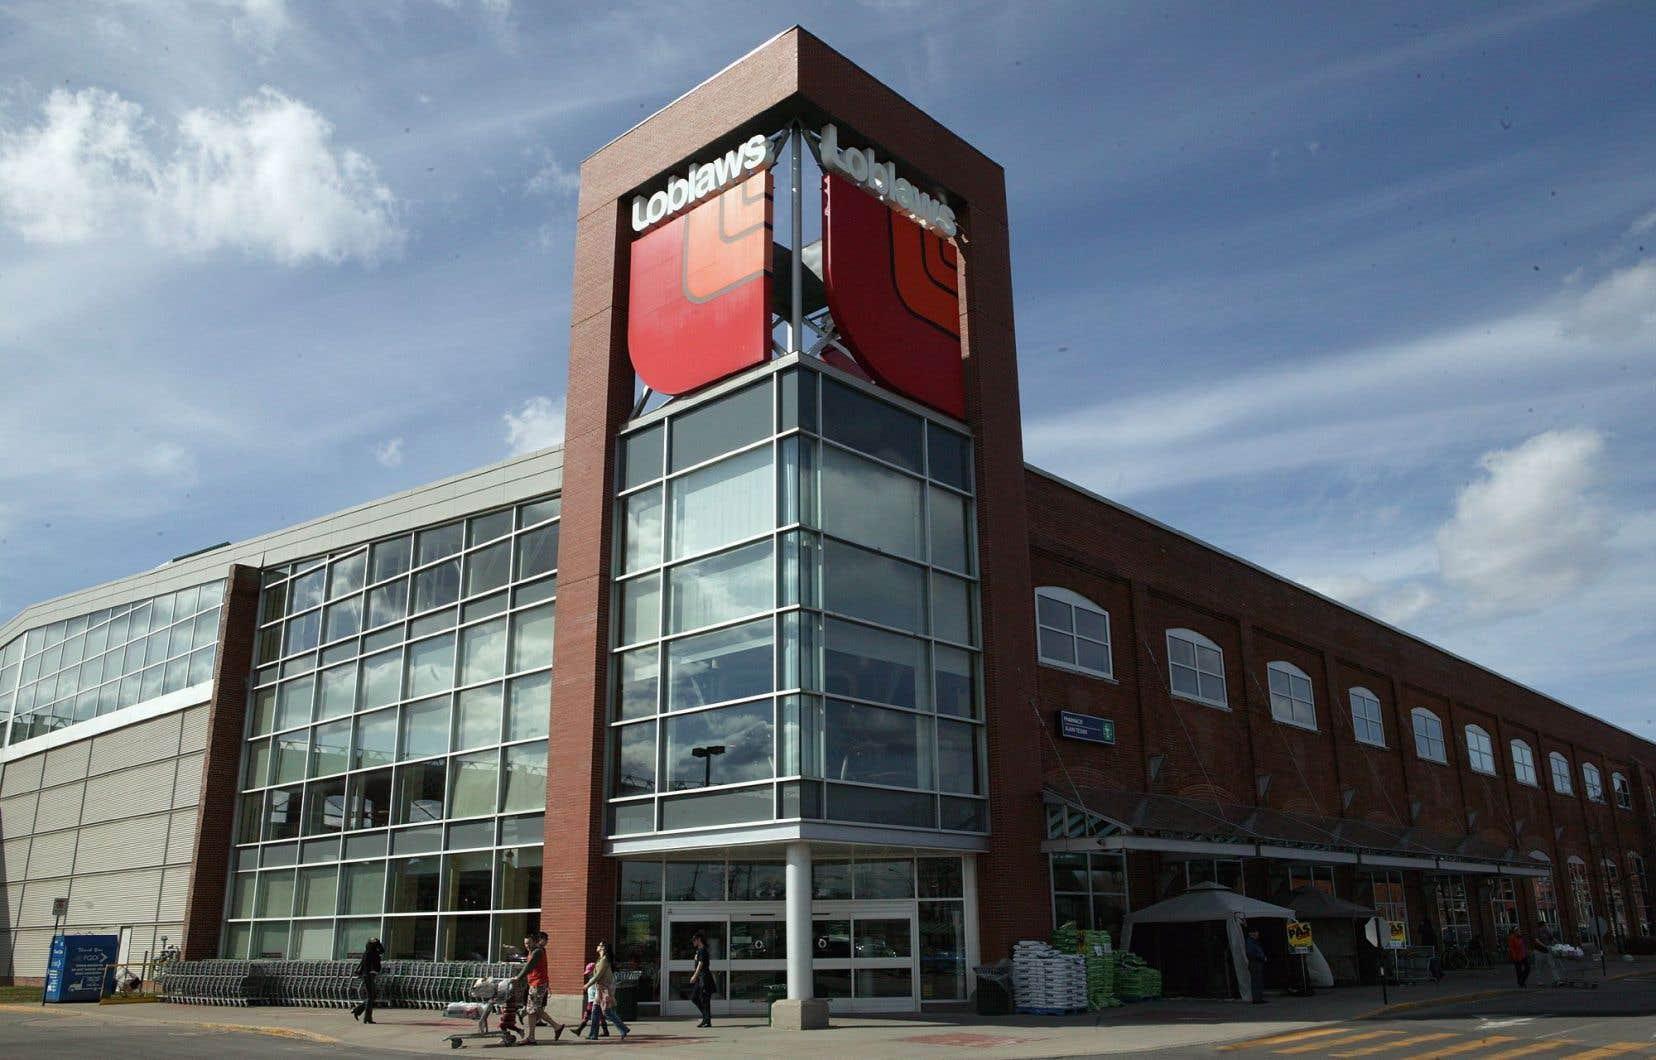 La plupart des revenus de George Weston provient de sa division Loblaws, la plus importante chaîne canadienne de magasins d'alimentation et de pharmacies.